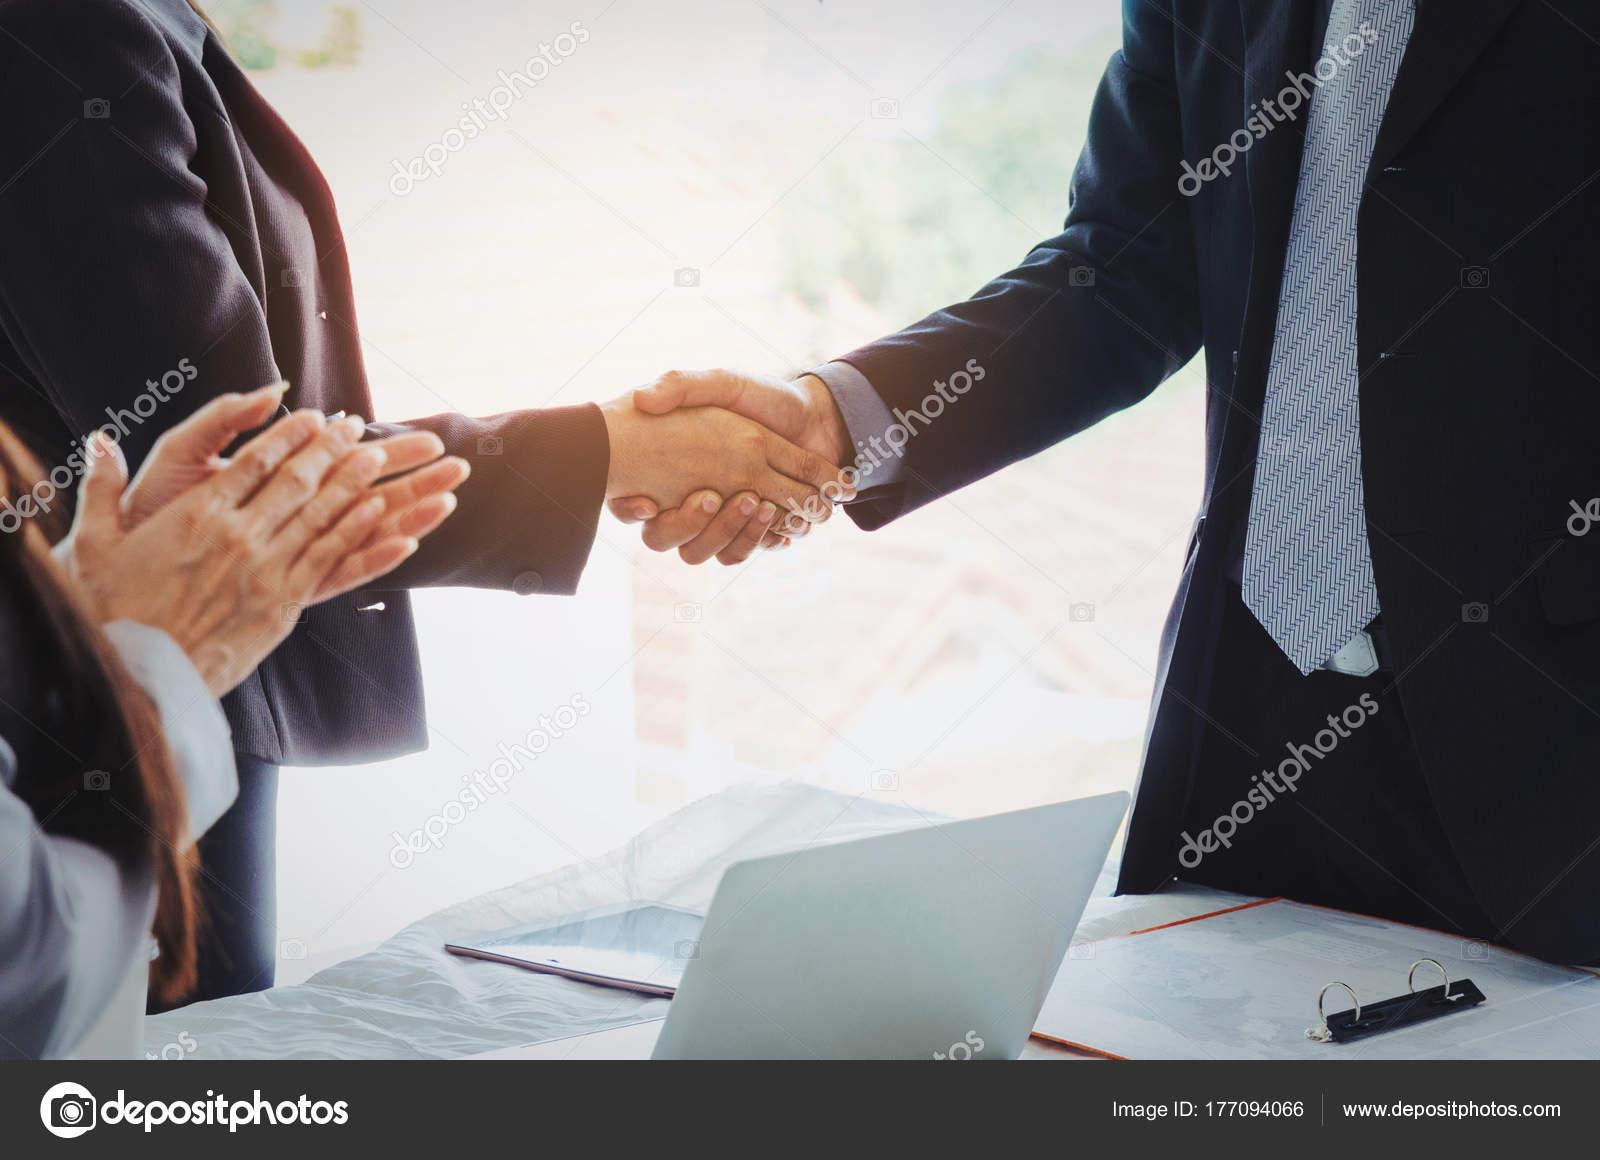 Rencontre affaire connexion